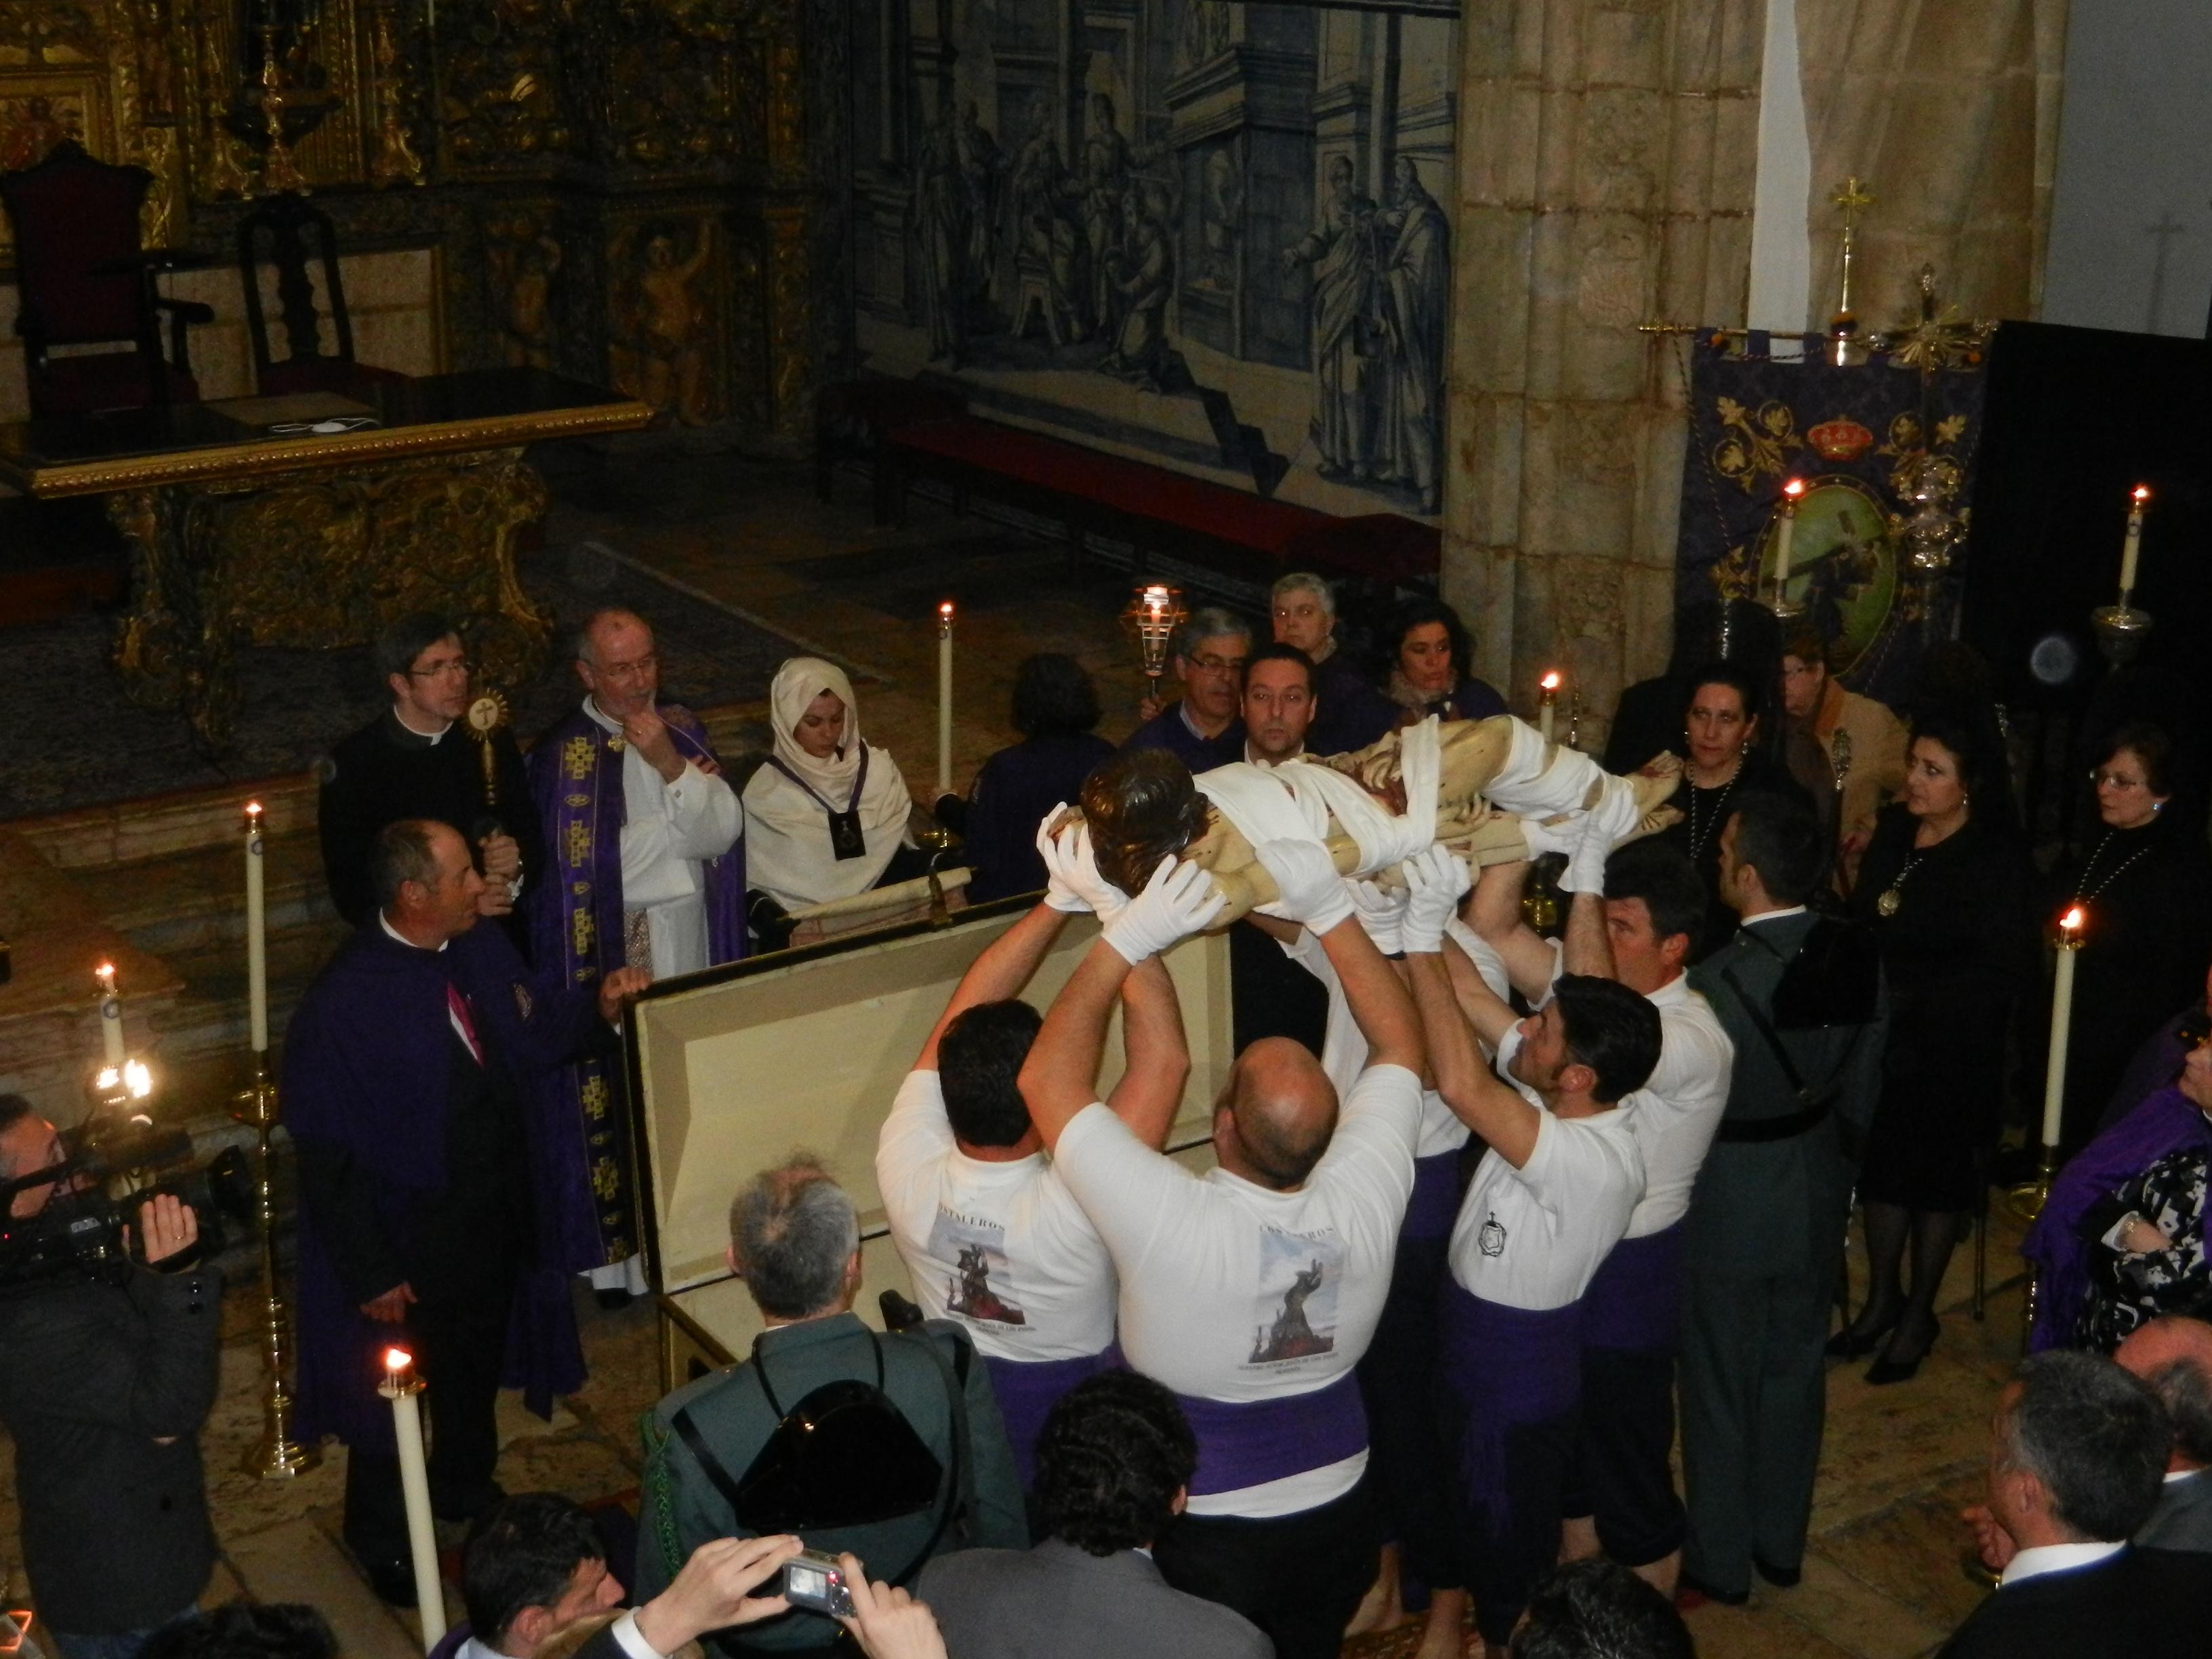 Momentos antes de la sepultura, canta la paderinha